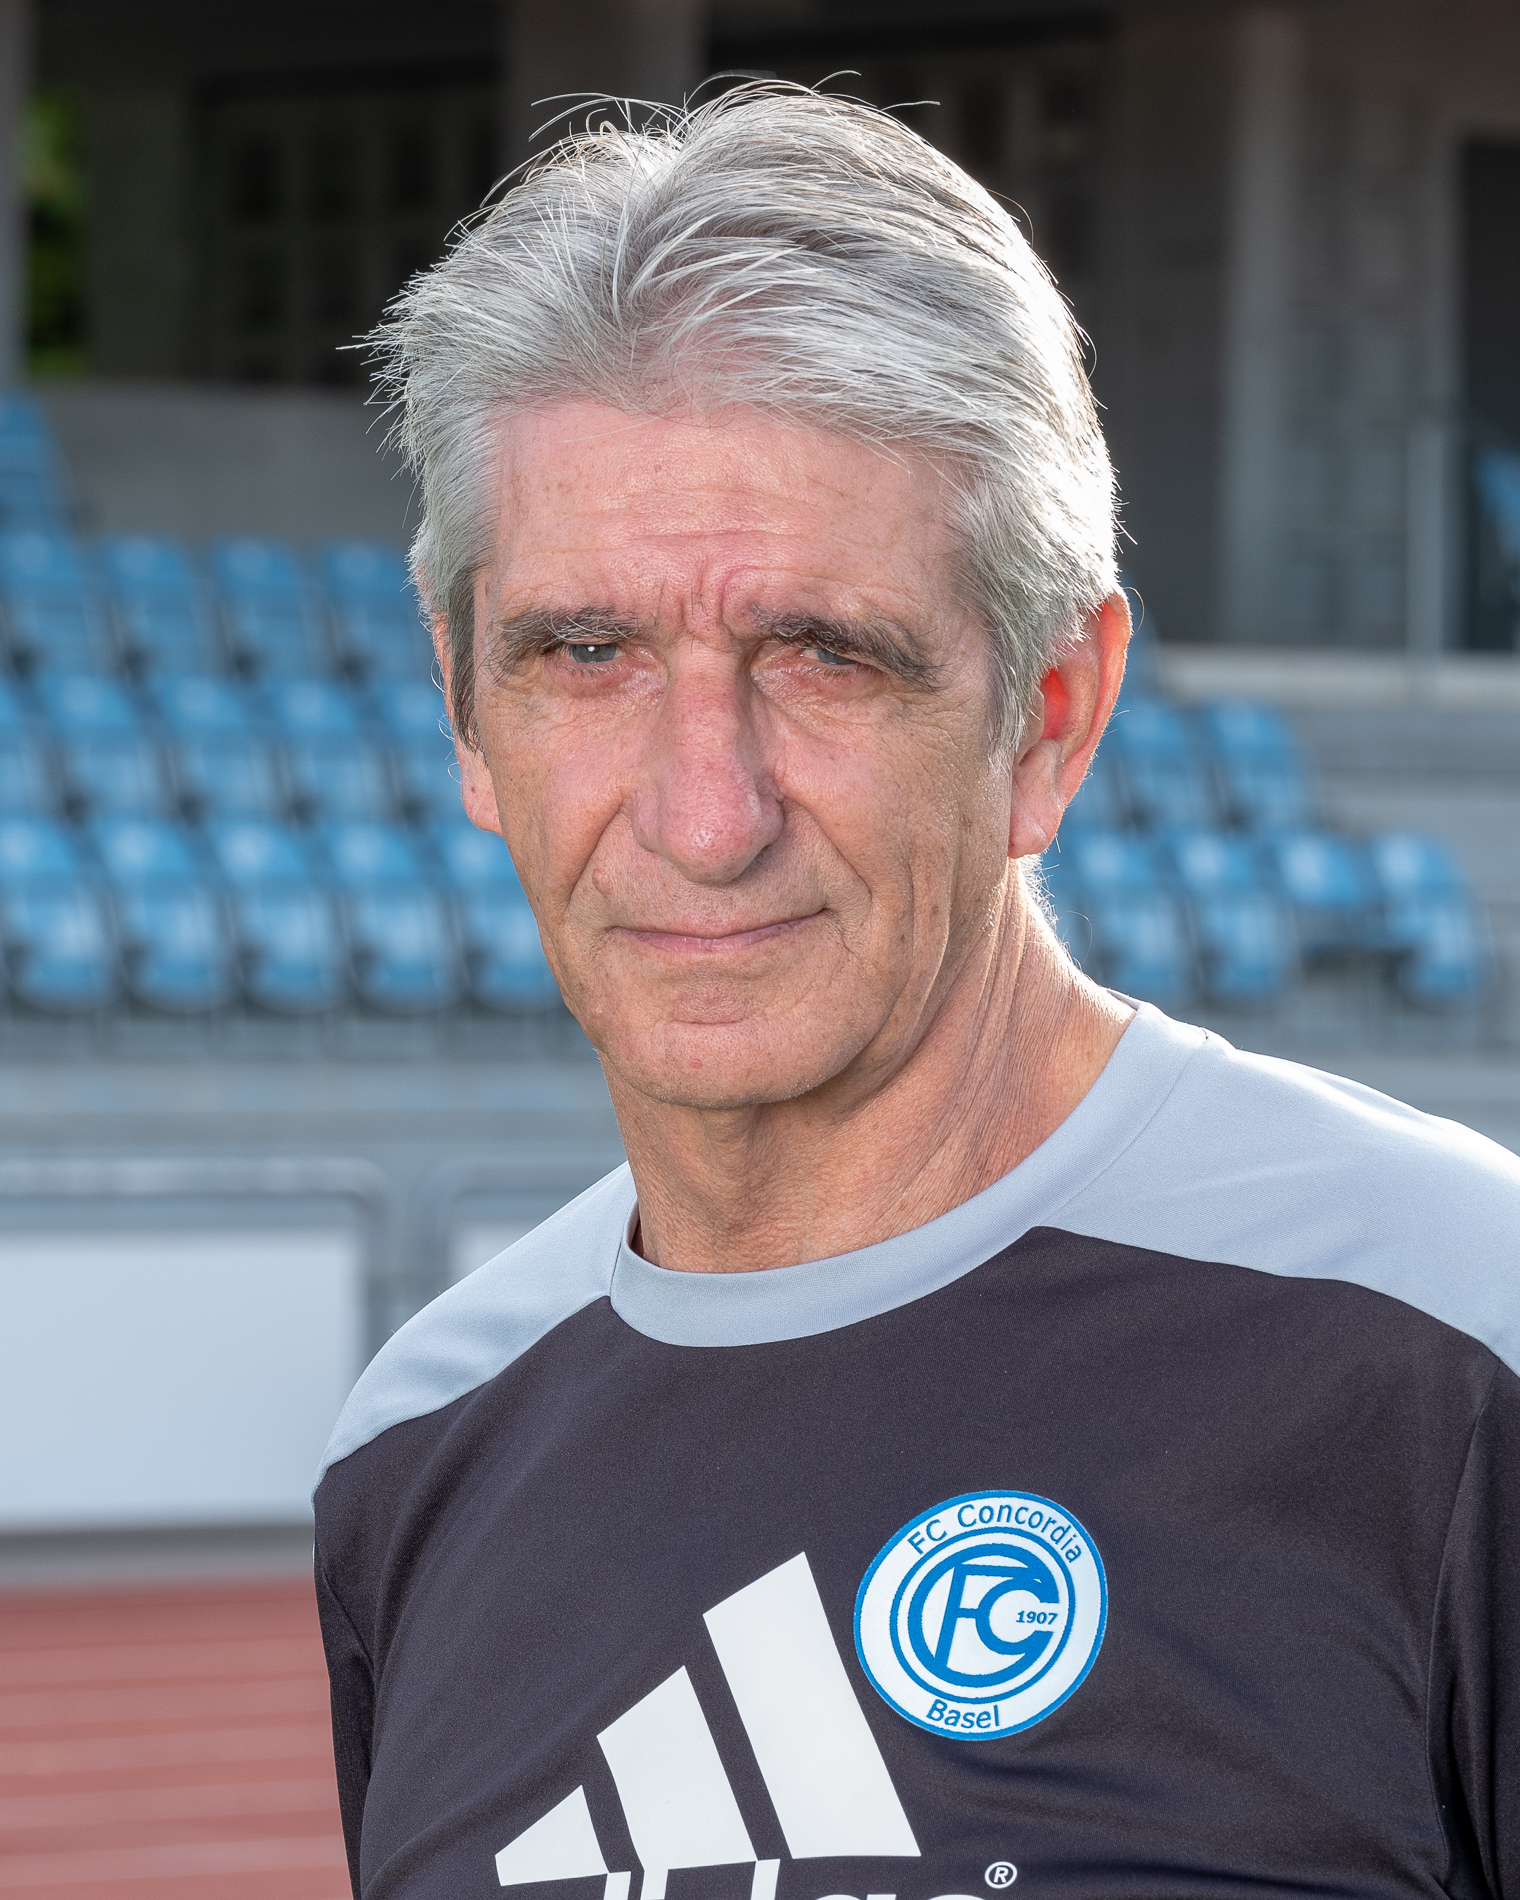 Peter-Moser